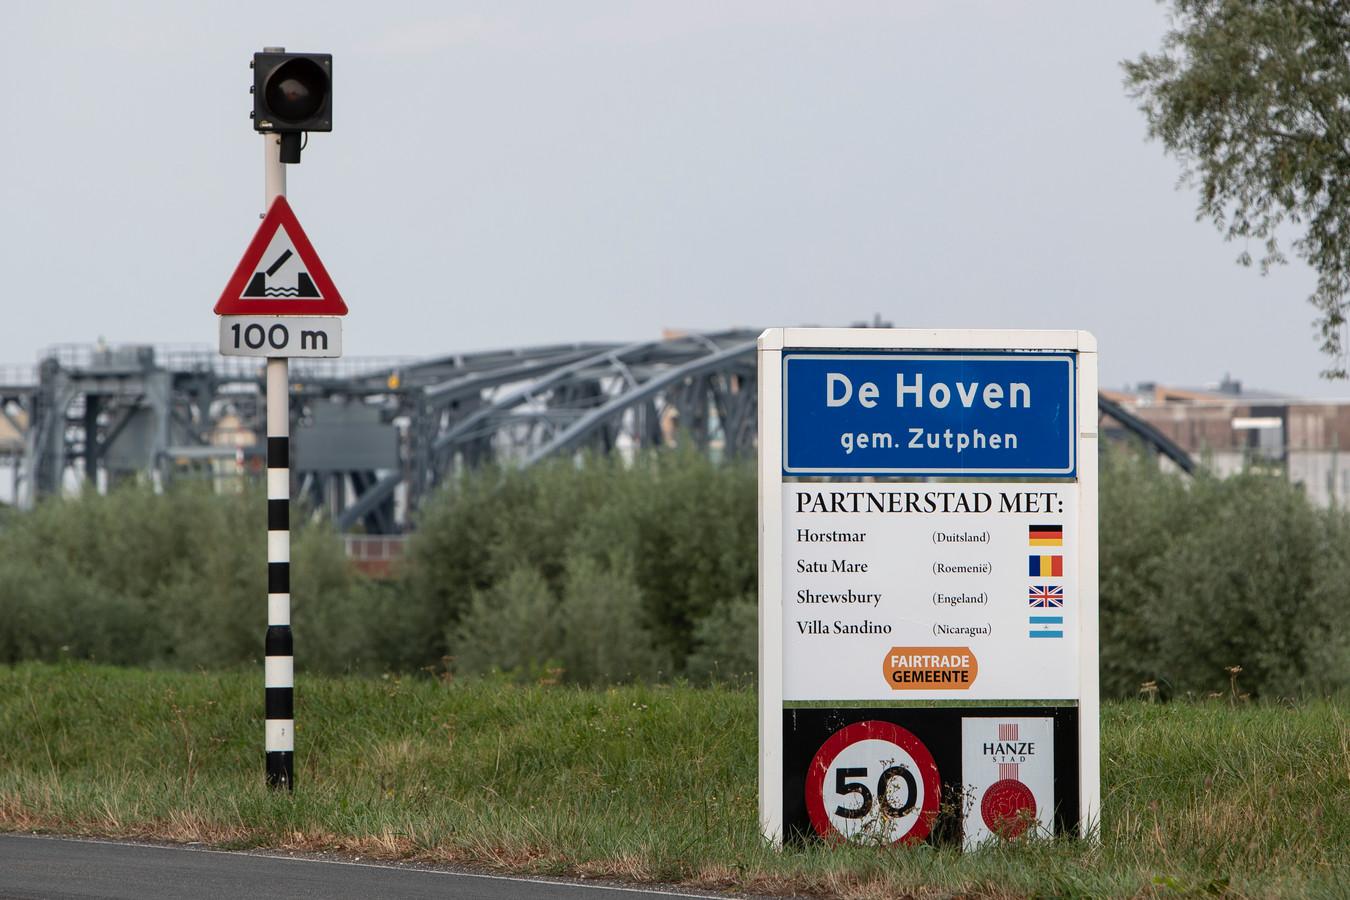 De welkomstborden bij Zutphen. De samenwerkingen met de partnersteden worden binnenkort gestopt.